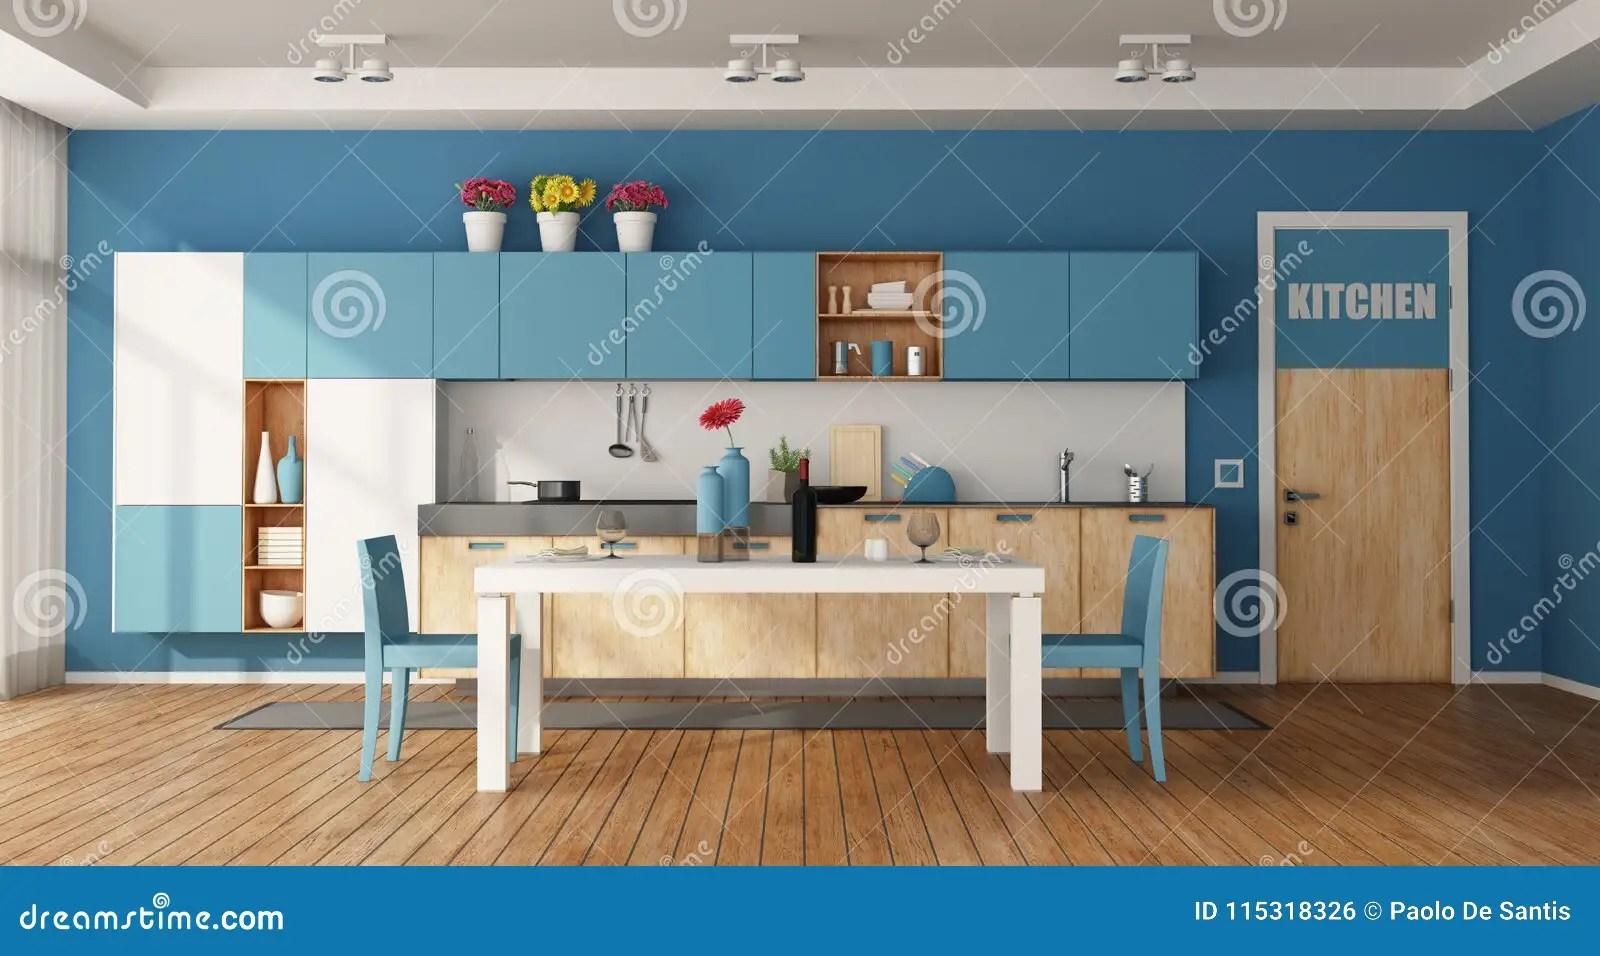 La cucina moderna bianca come arredare una cucina moderna bianca